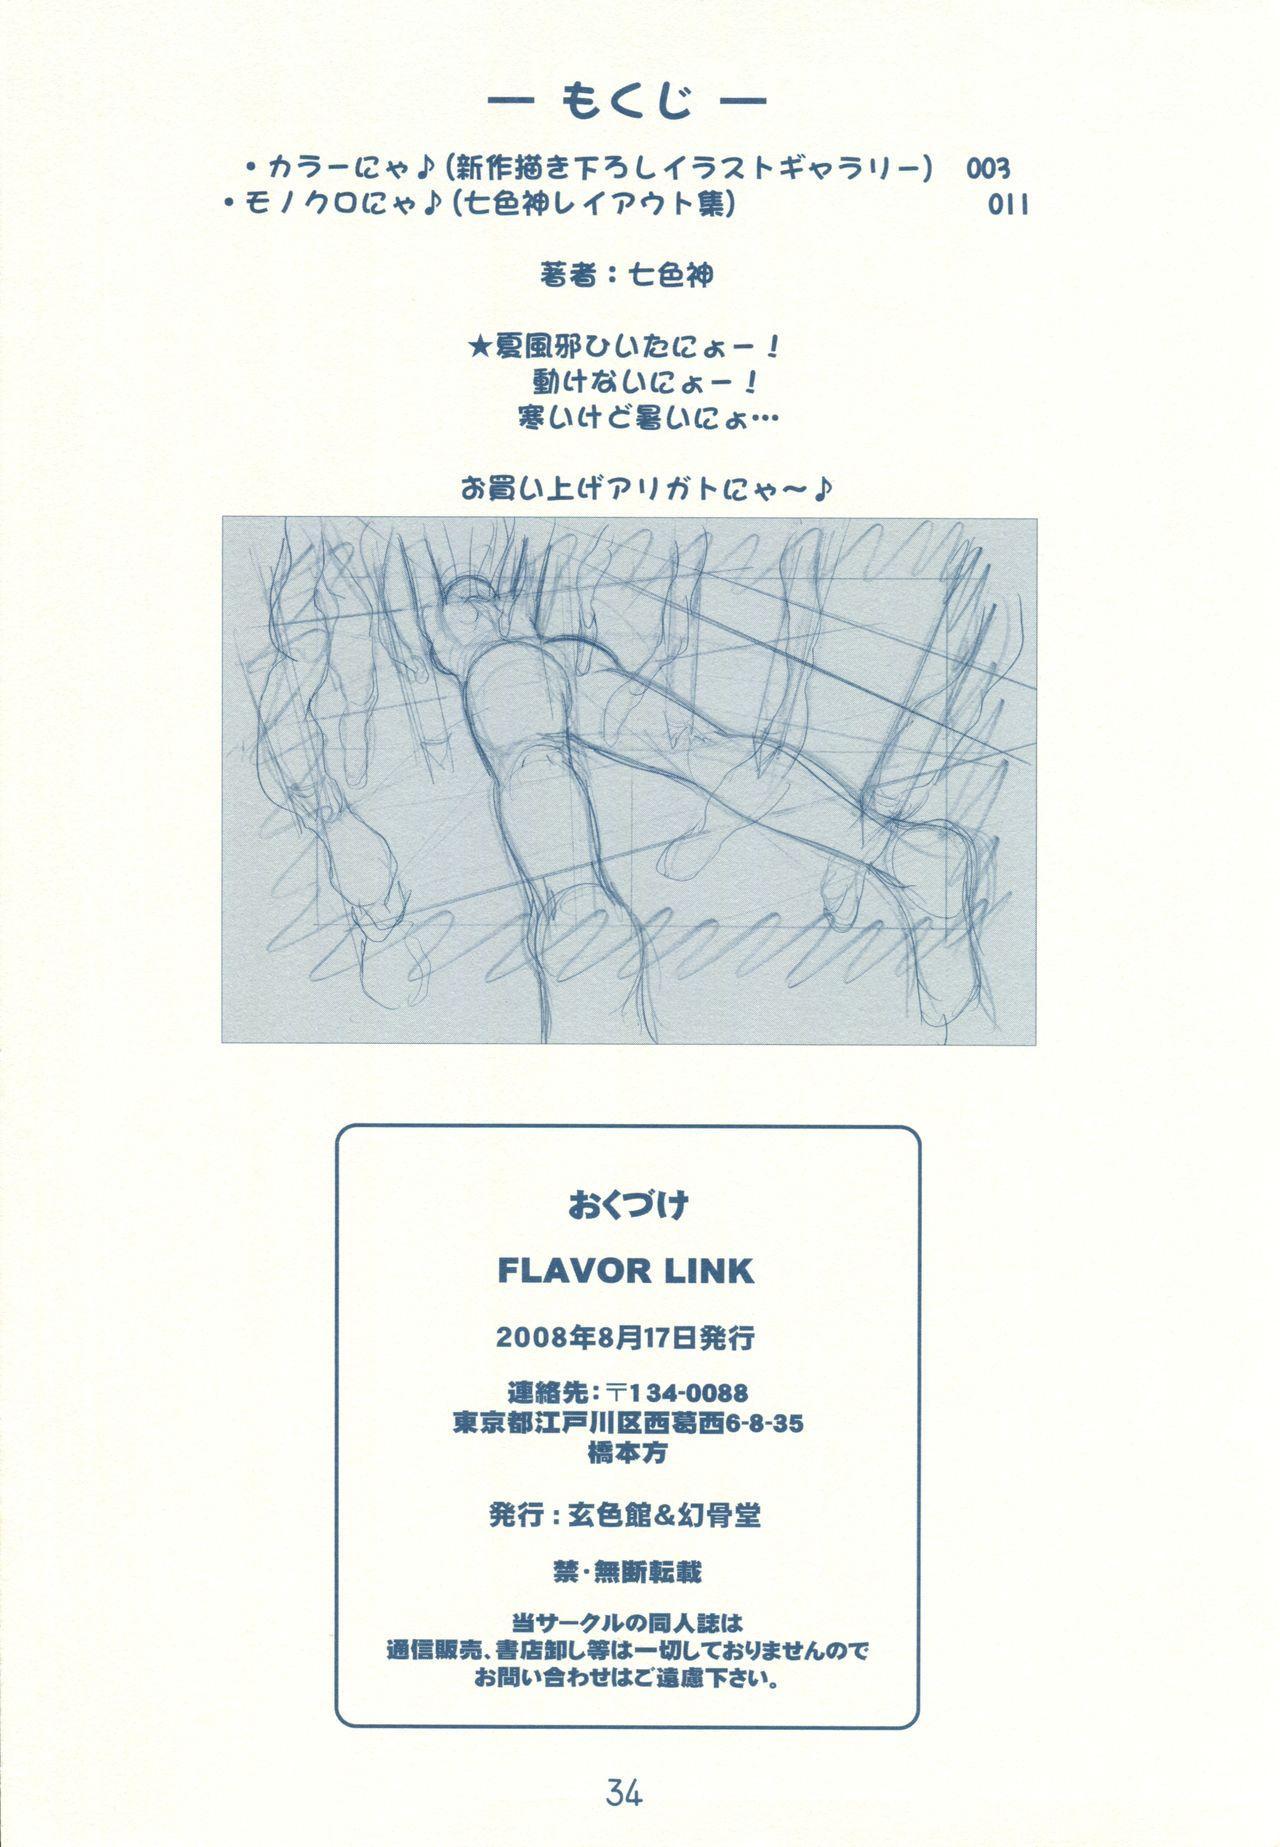 FLAVOR LINK 33